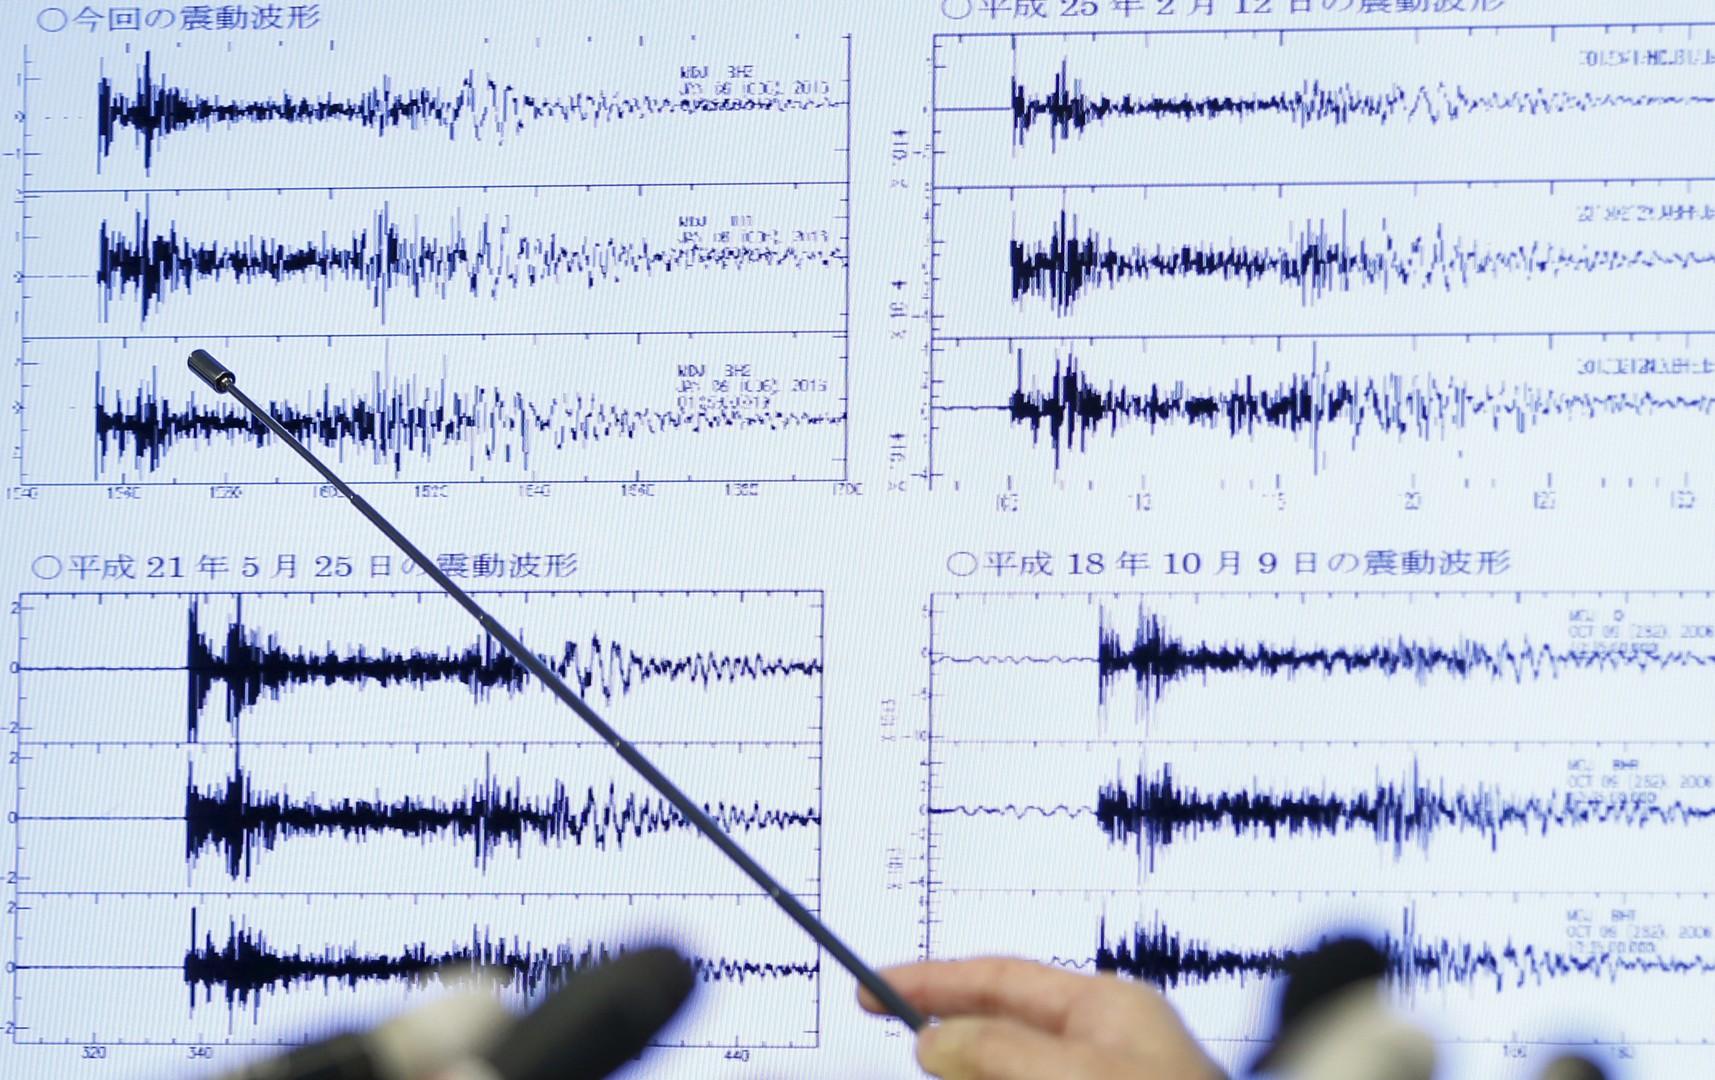 Une image de l'Agence météorologique japonaise montrant l'activité sismique en Corée du Nord